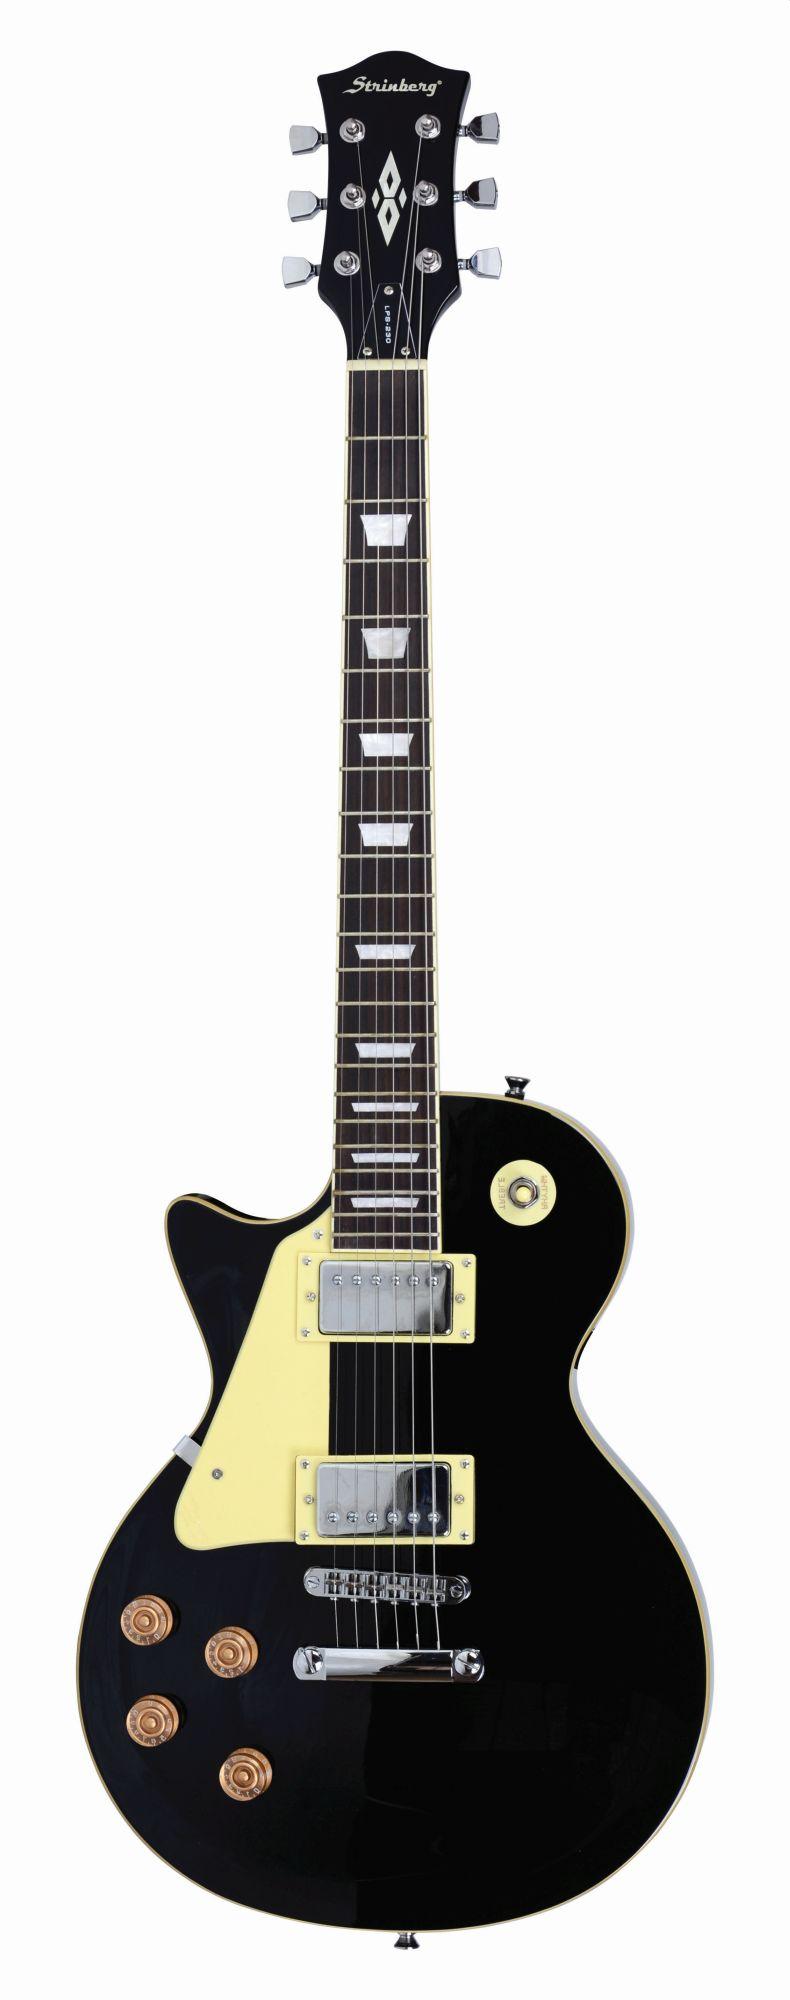 Guitarra Strinberg Lps230 Bk Lh Canhoto